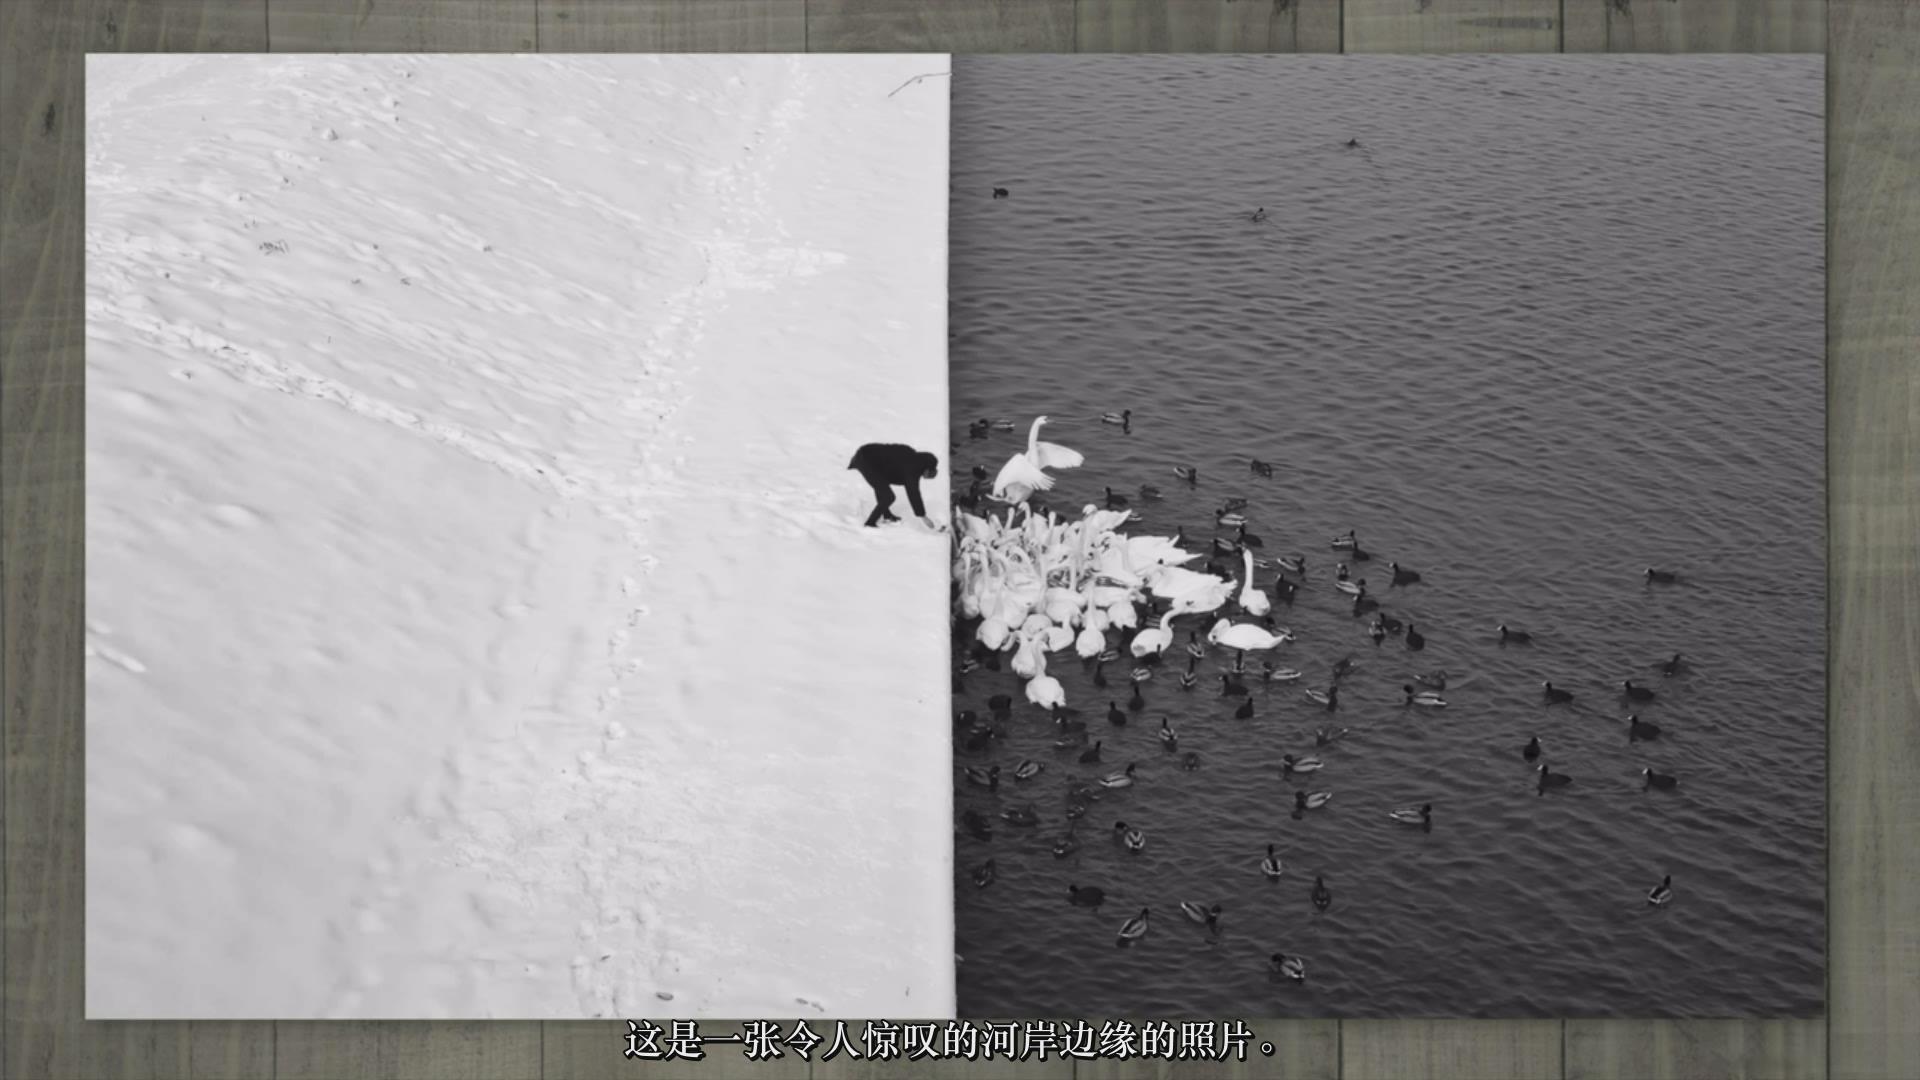 """摄影教程_Frank Minghella-""""完美照片构图""""将您摄影技术提高到一个新水平-中文字幕 摄影教程 _预览图7"""